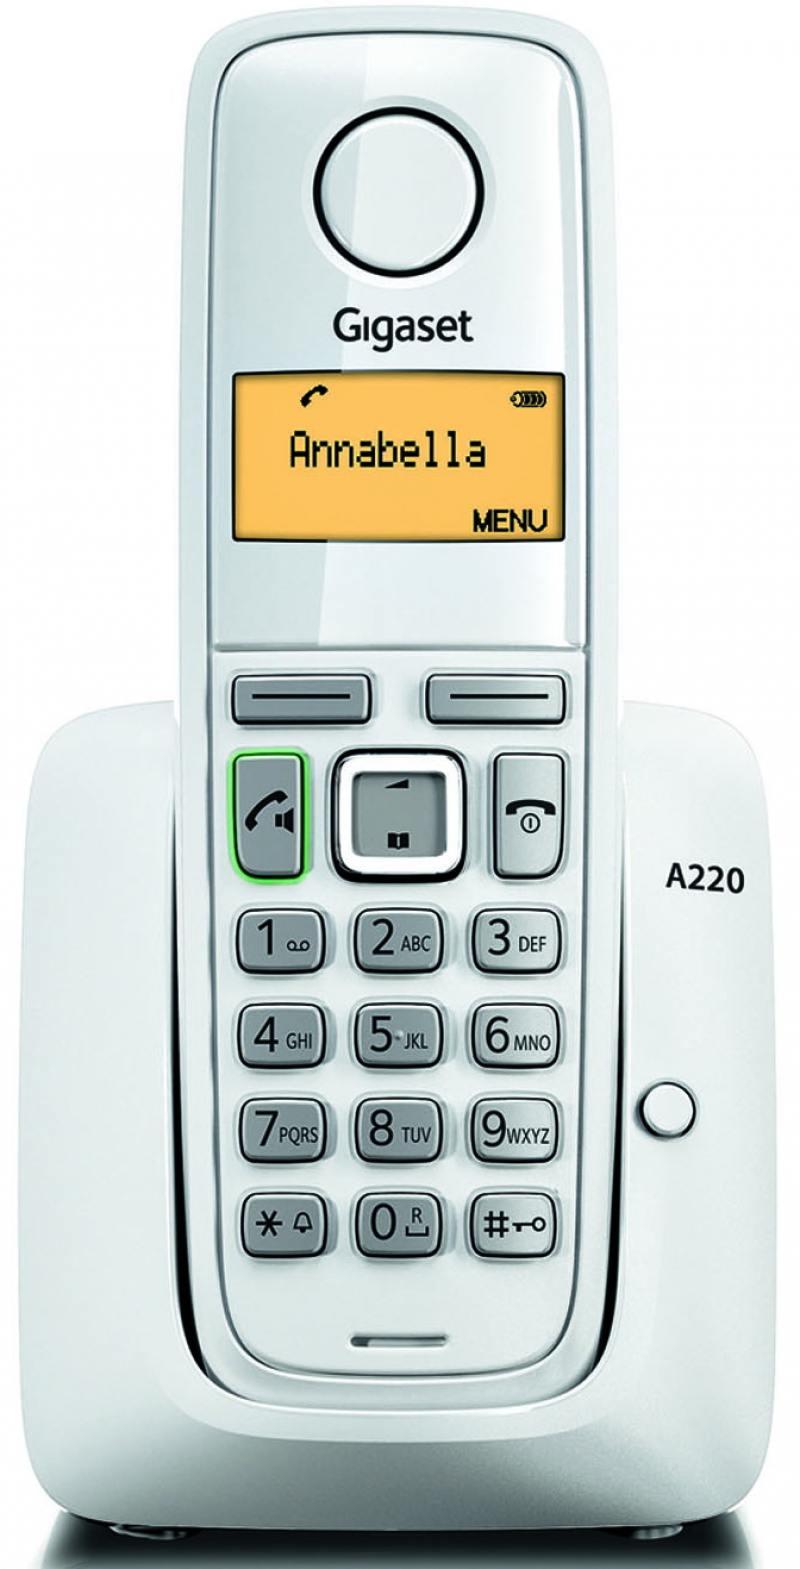 Радиотелефон DECT Gigaset A220 белый радиотелефон siemens gigaset a220a серый s30852 h2431 s303